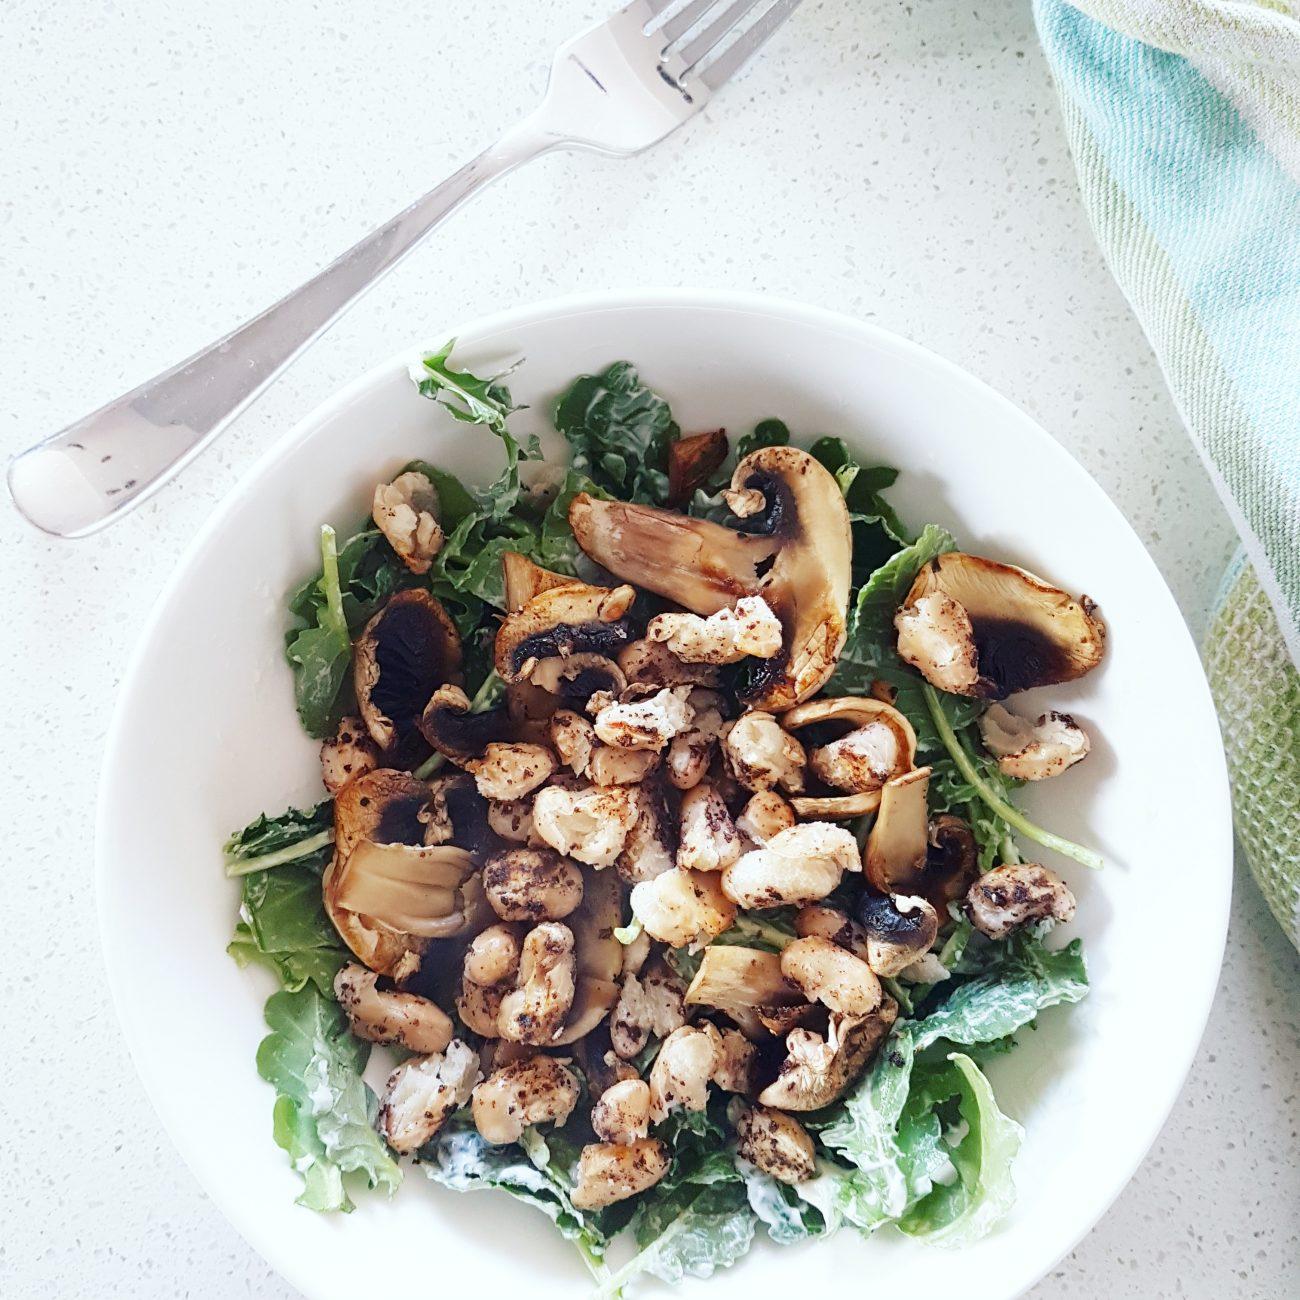 Salade crémeuse aux champignons et haricots blancs rôtis